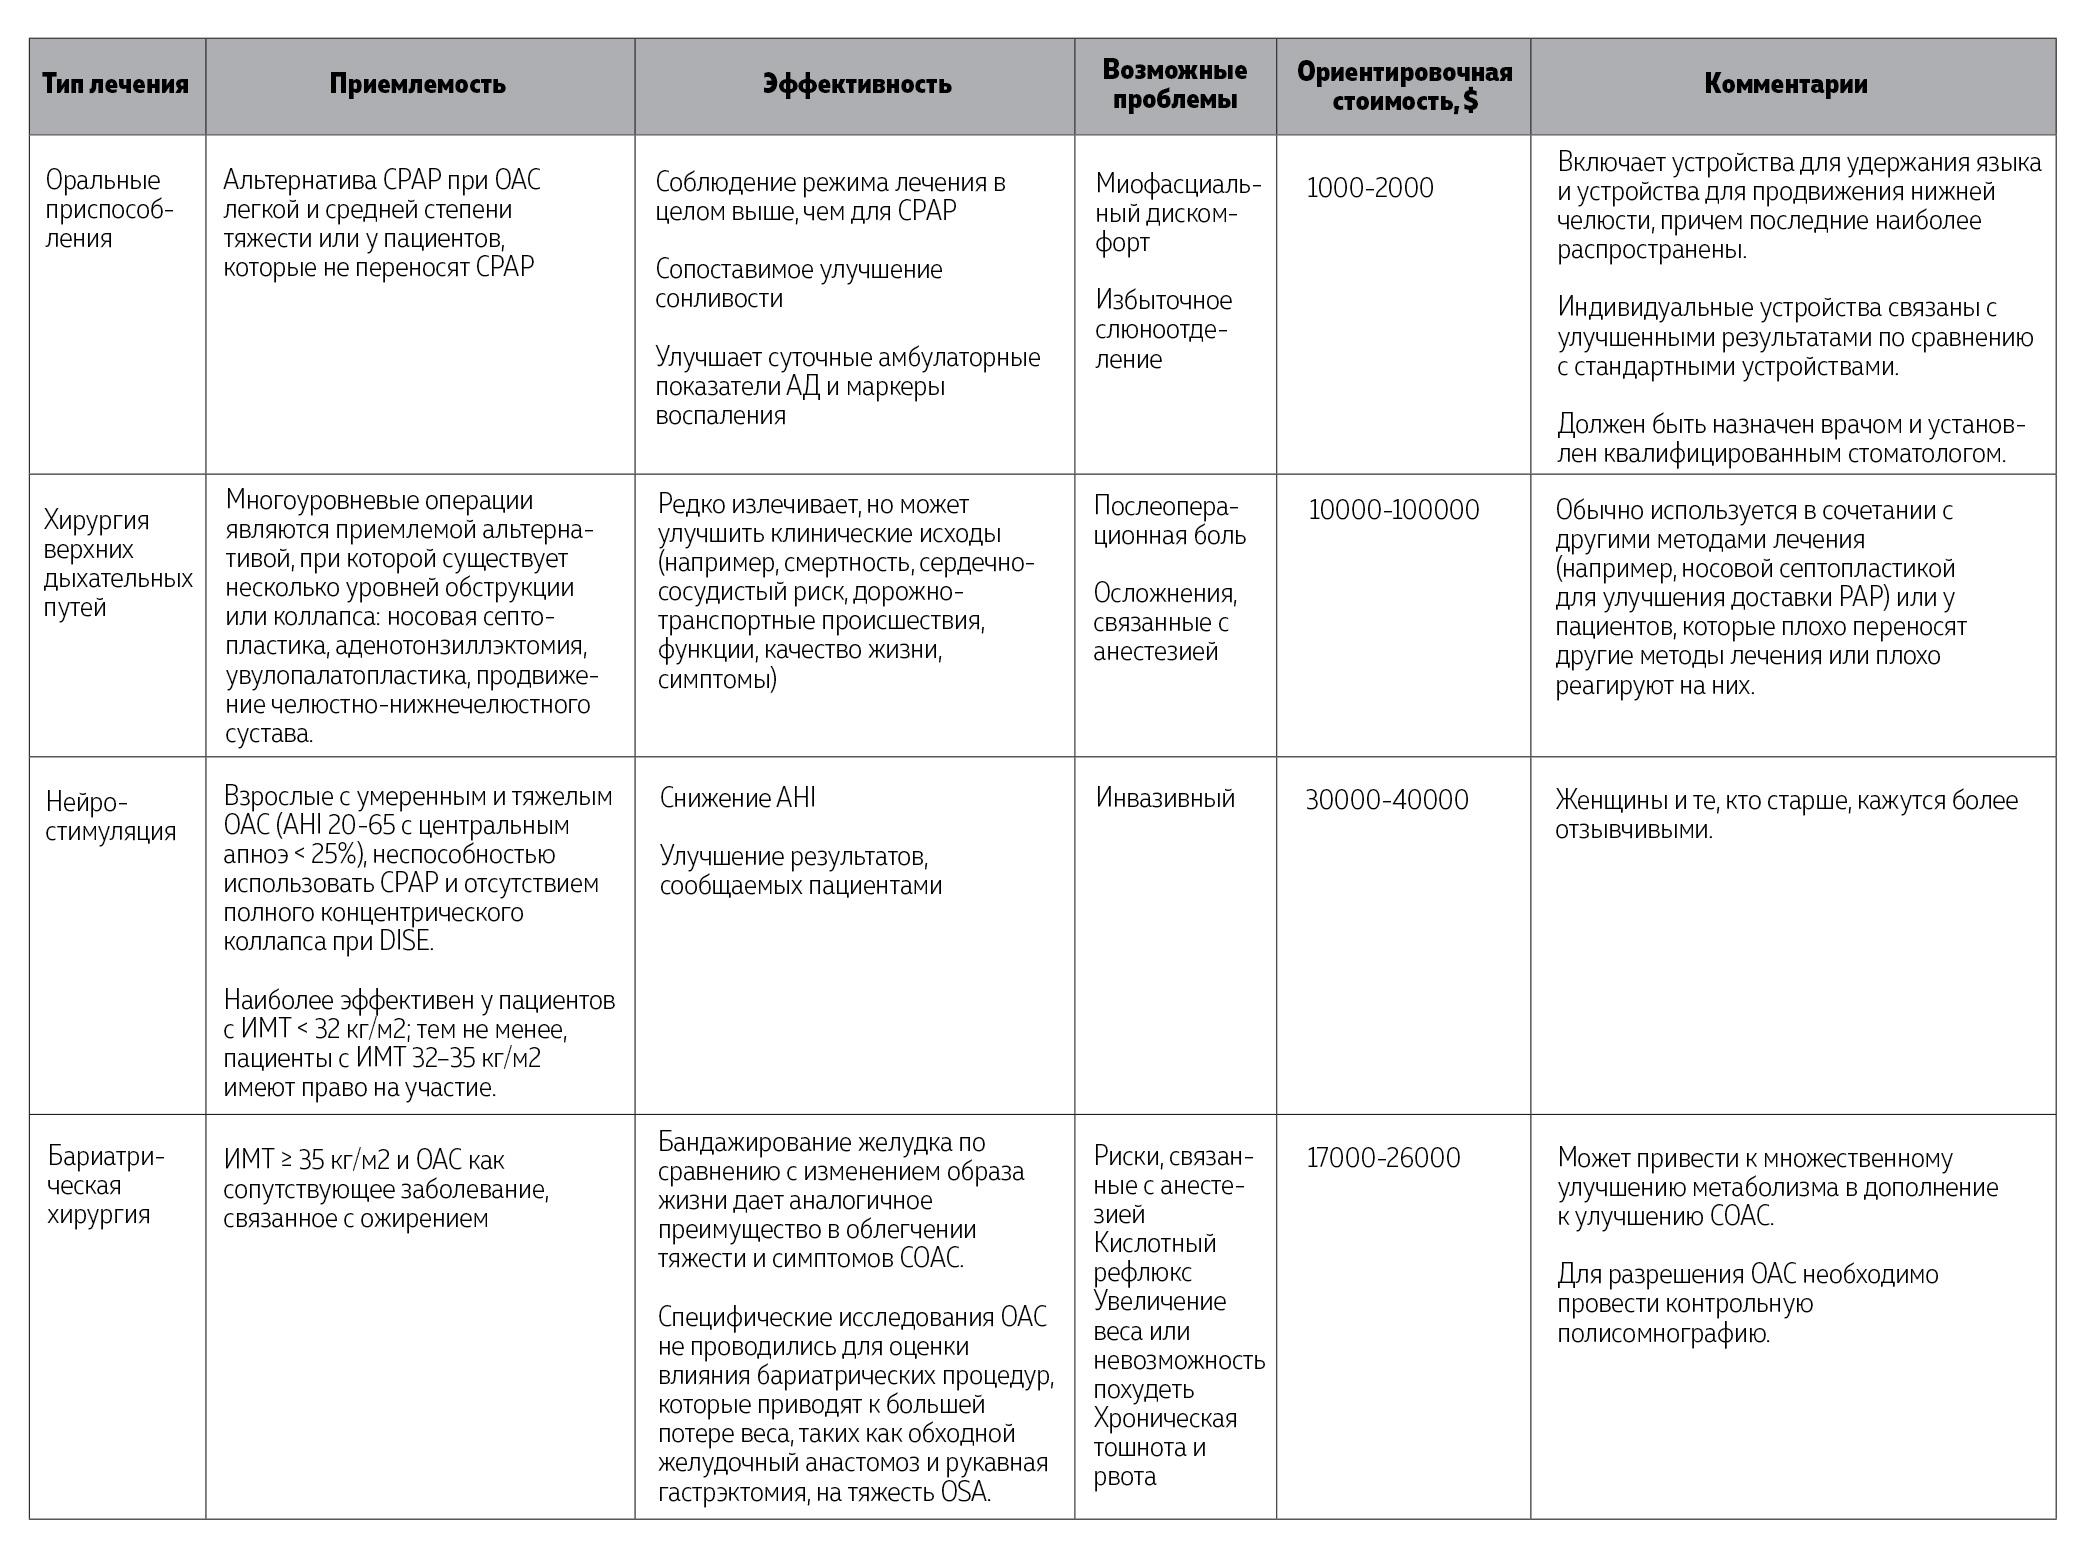 Таблица 2. Варианты лечения обструктивного апноэ во сне (продолжение)